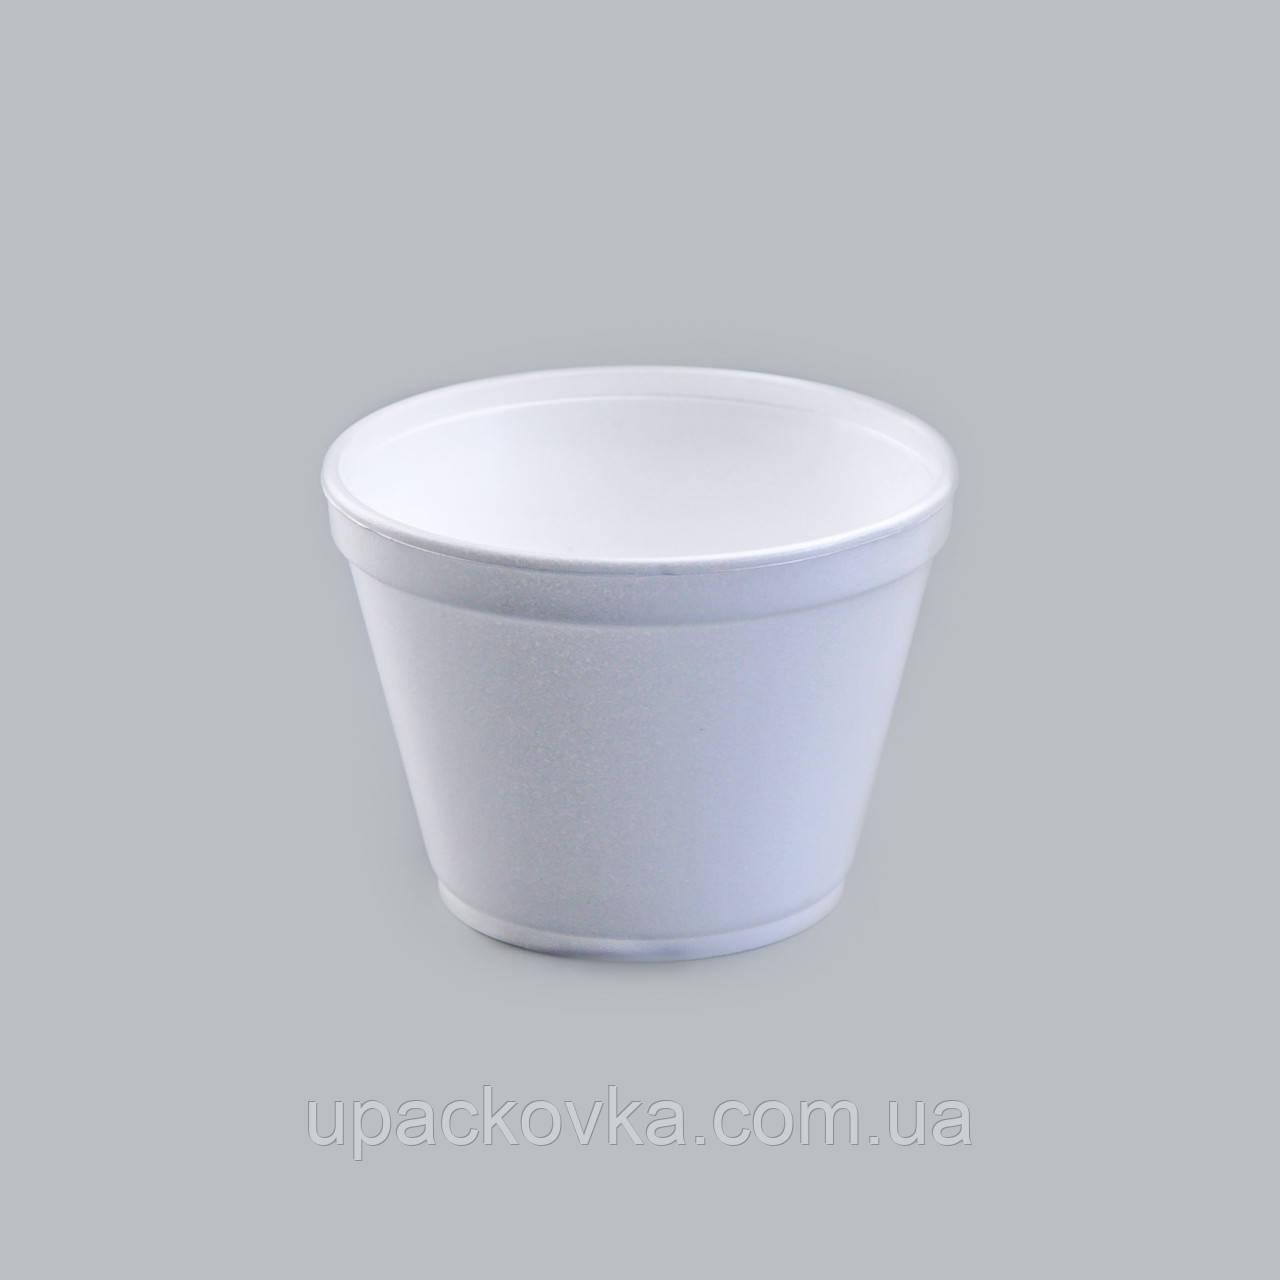 Емкость супная из вспененного полистирола с крышкой, 450 мл